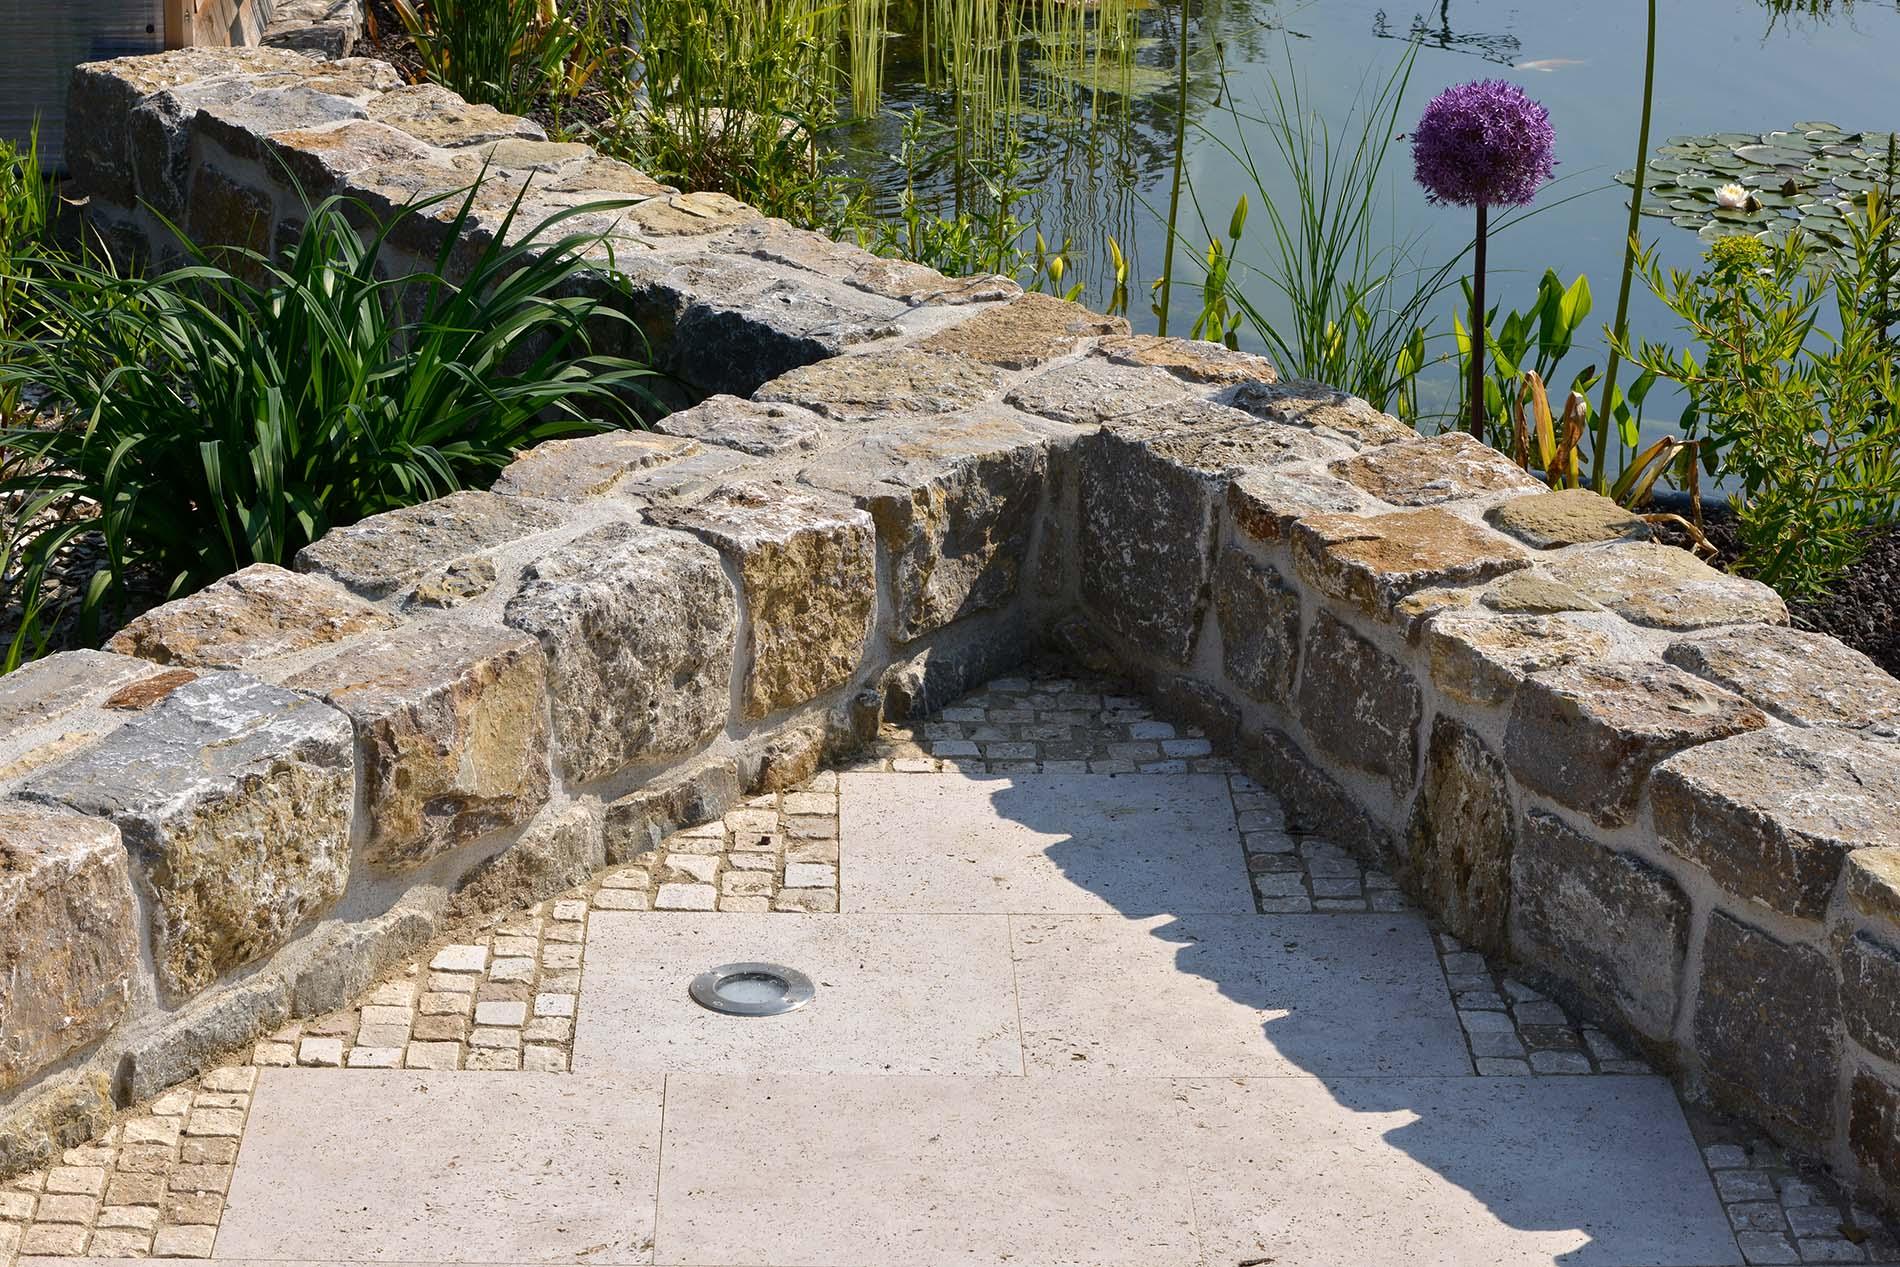 Muschelkalk Mauersteine sowie Bodenplatten und Mosaikpflaster aus Bauhaus Travertin